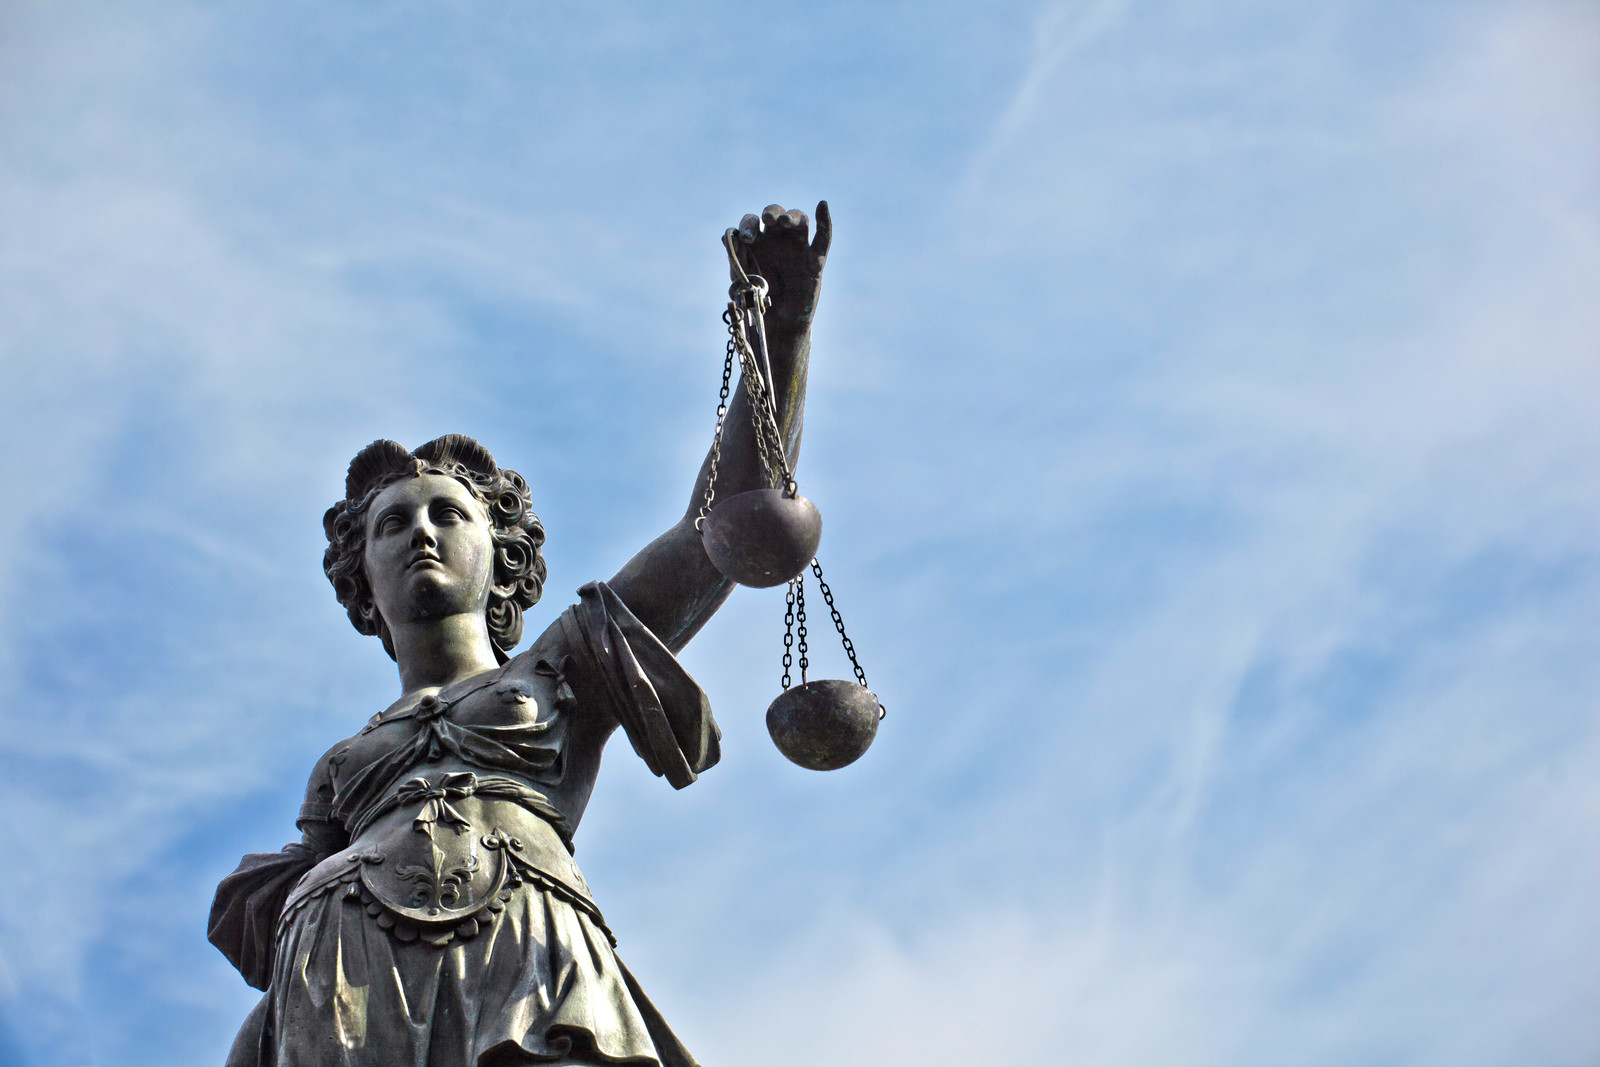 EU-domstol bekrefter at bildetyveri er ulovlig